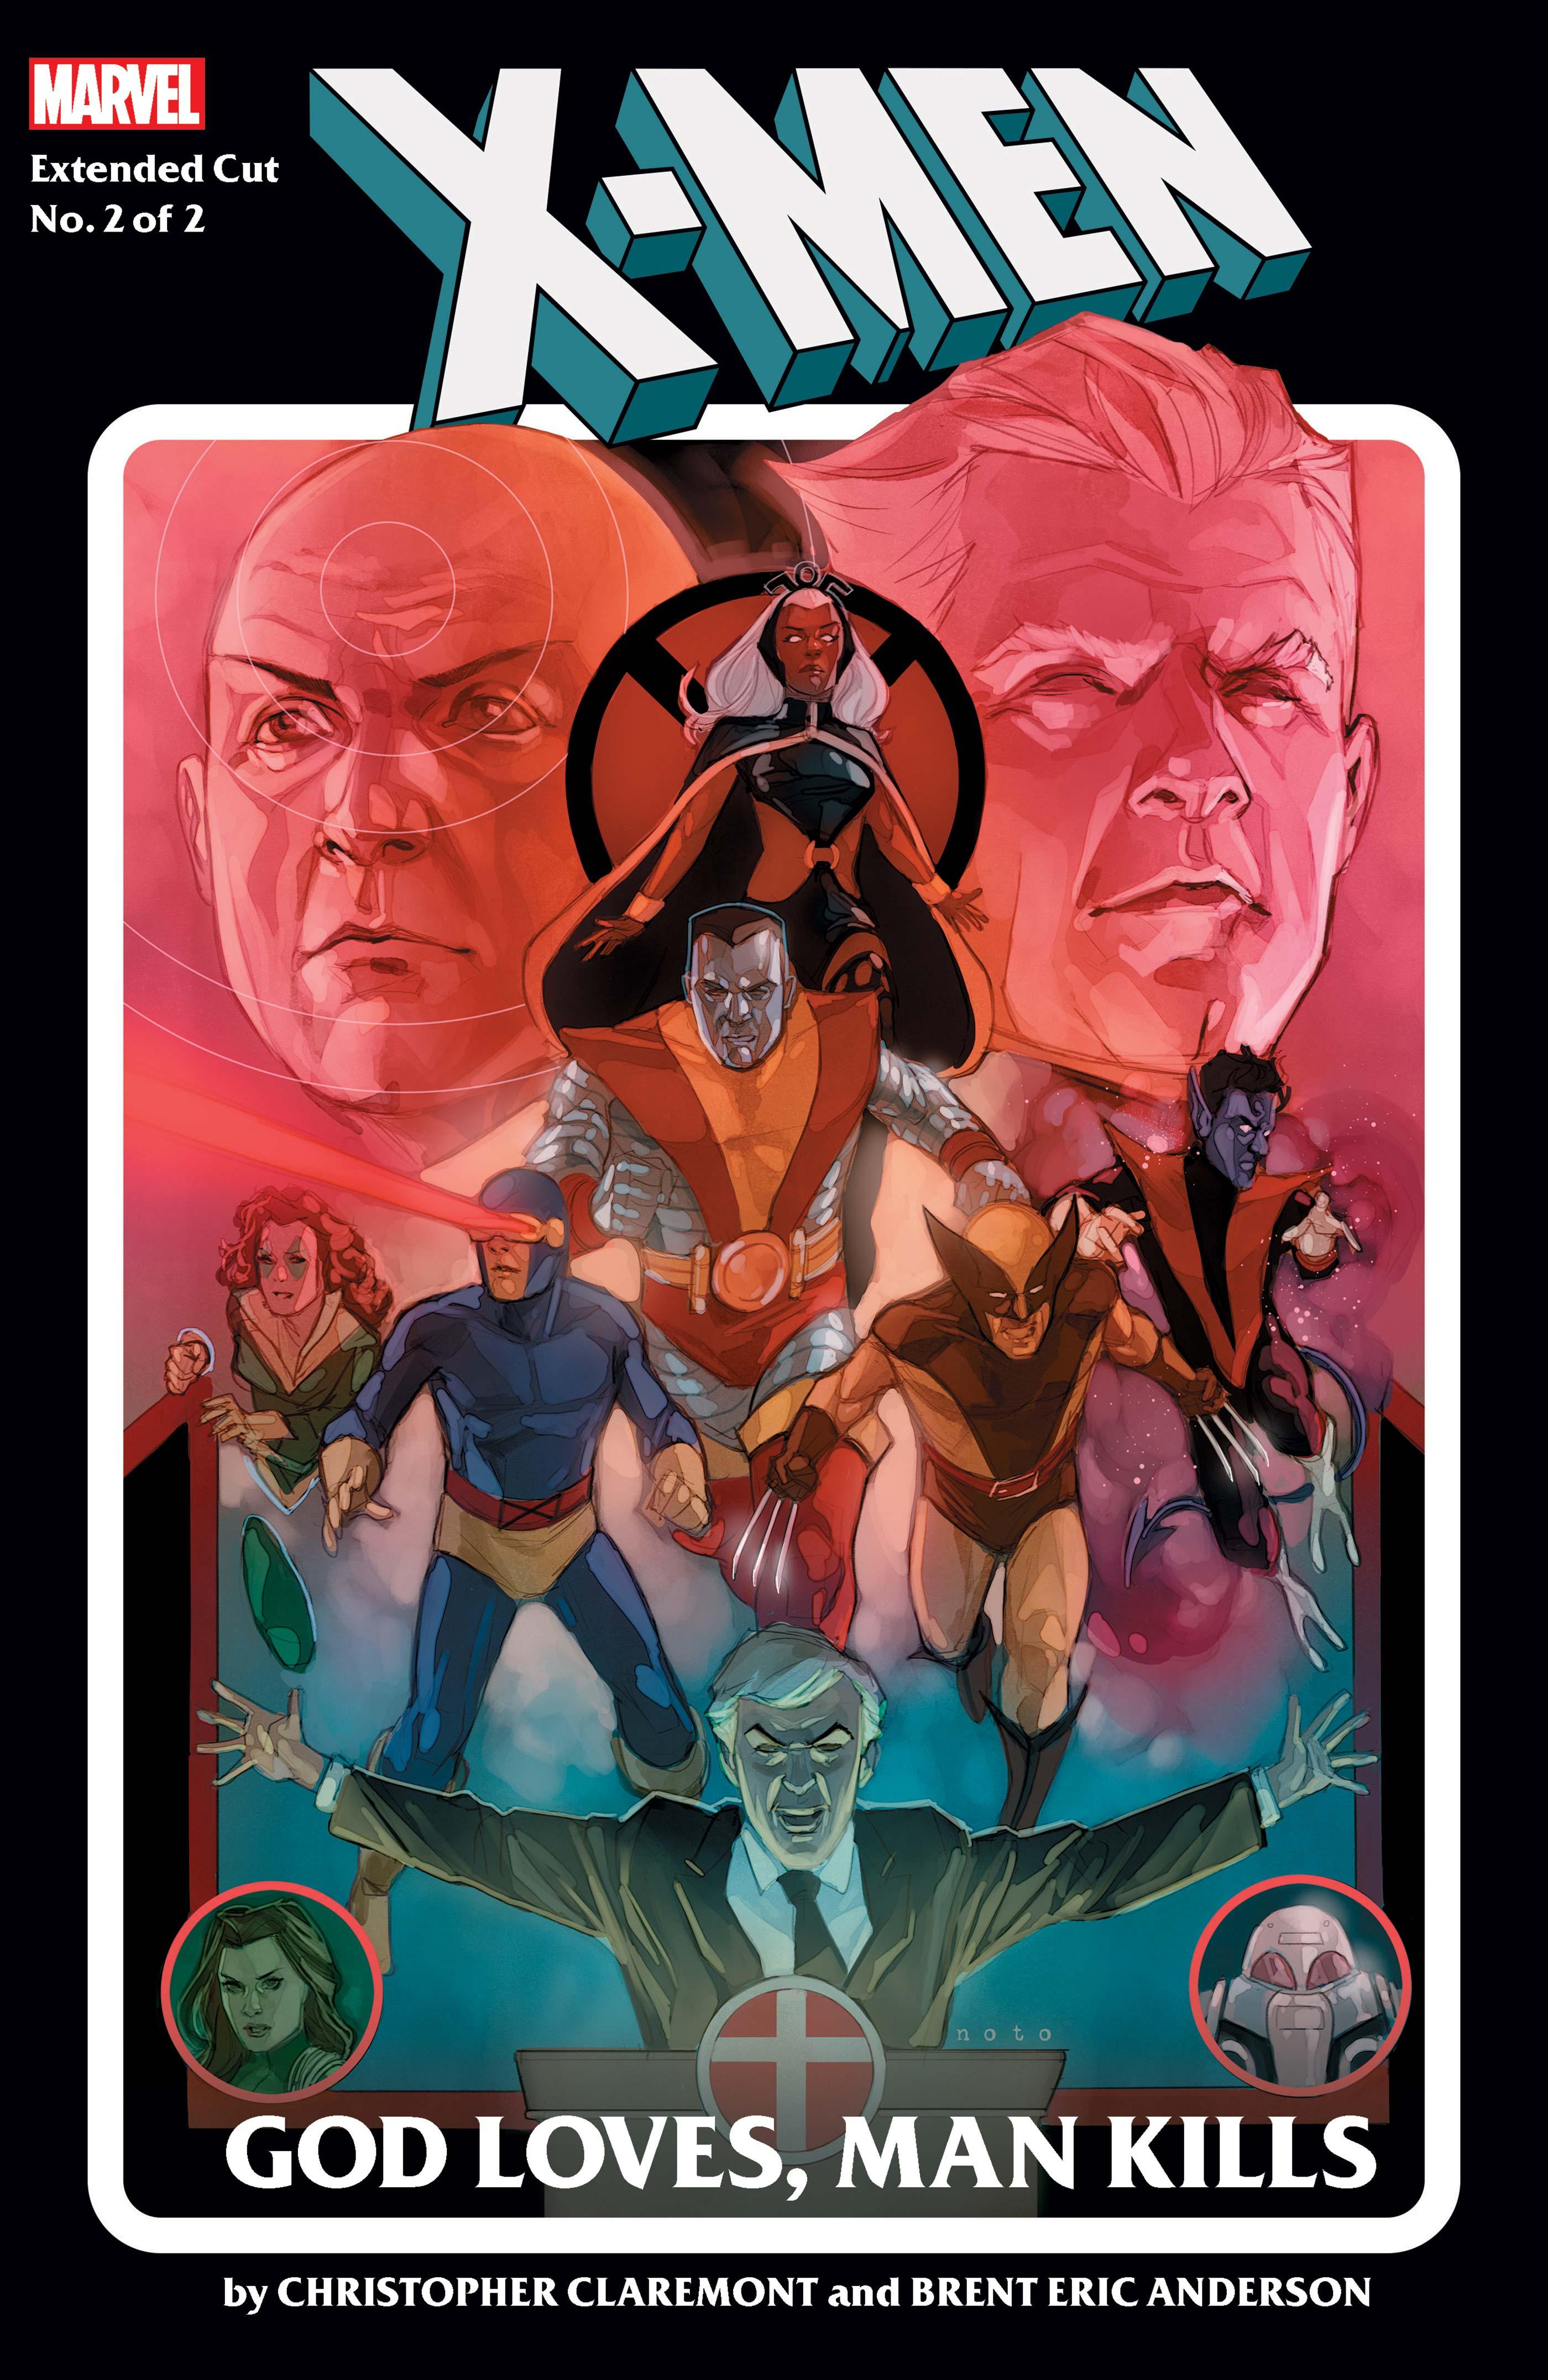 X-Men: God Loves, Man Kills Extended Cut (2020) #2